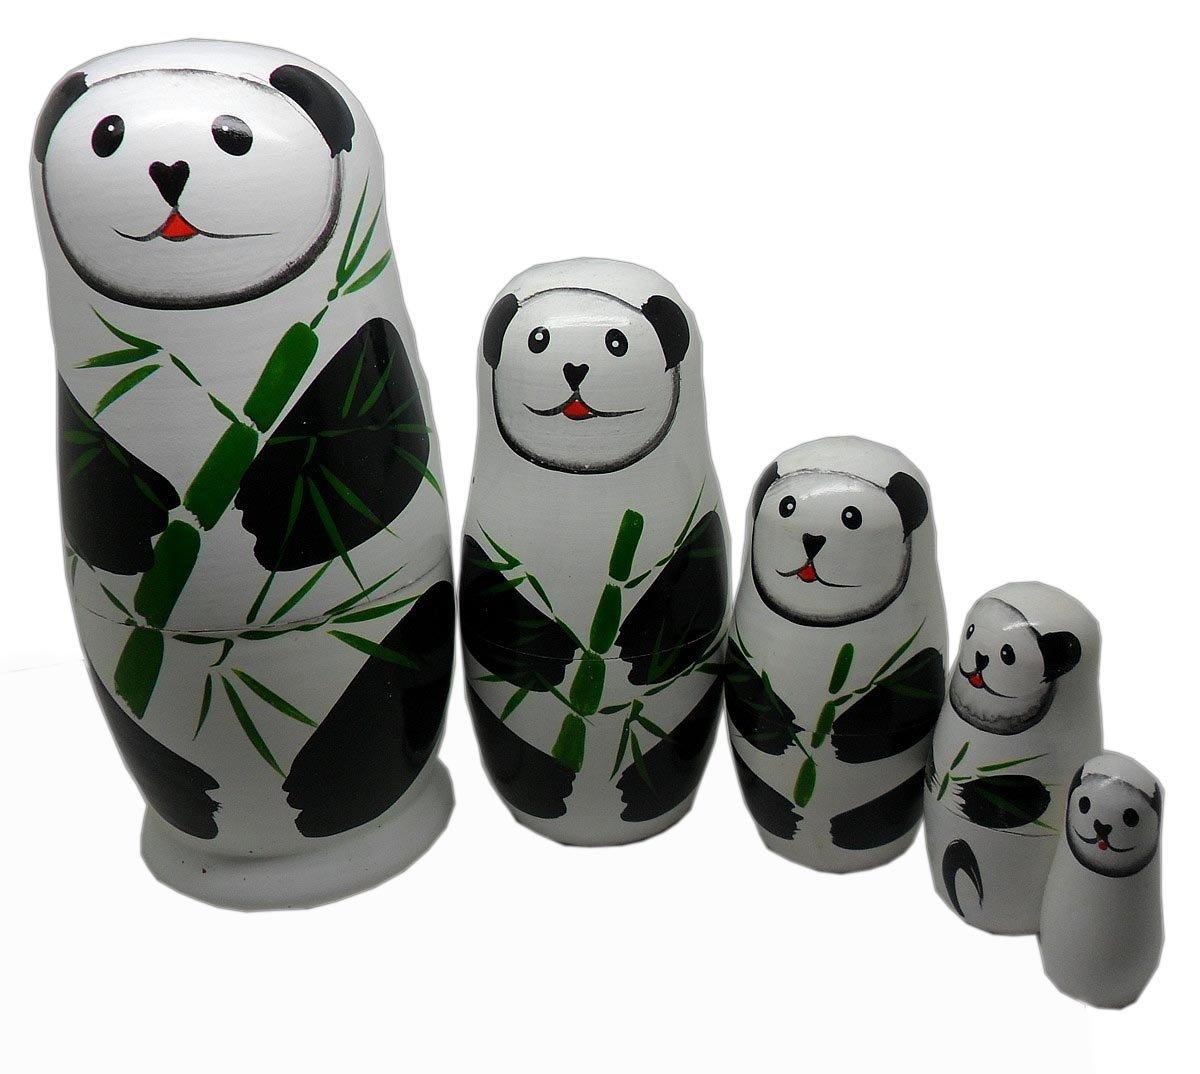 MOCHOAM Un insieme di 5 bambole di legno fatte a mano di incastramento Le bambole russe animali del rana animale gioca i regali domestici della decorazione